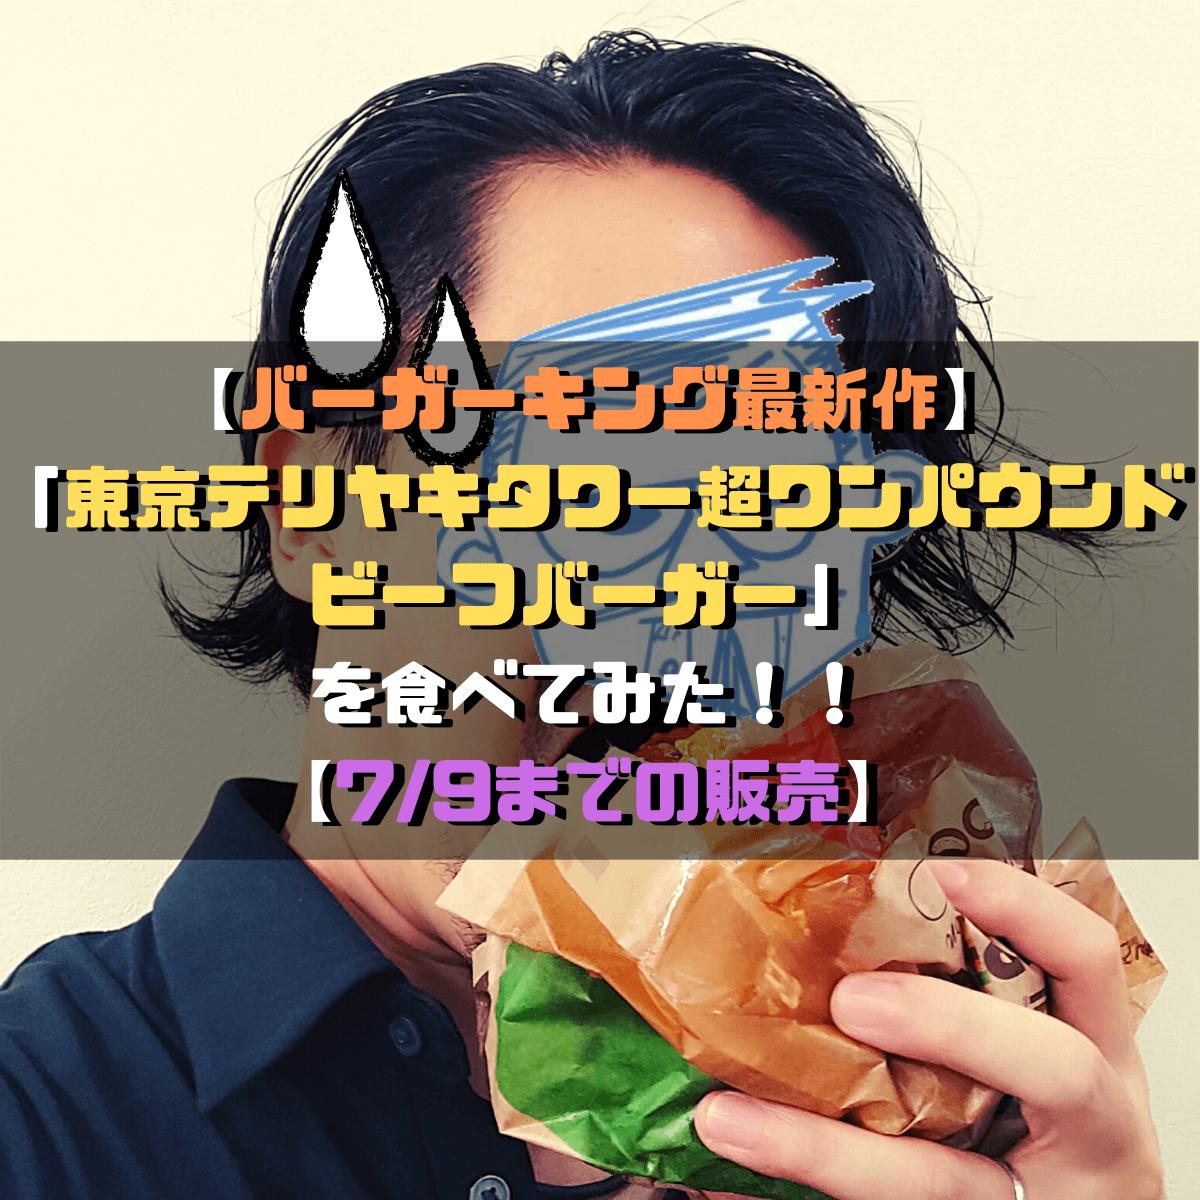 【バーガーキング最新作】「東京テリヤキタワー超ワンパウンドビーフバーガー」を食べてみた!!【7/9までの販売】